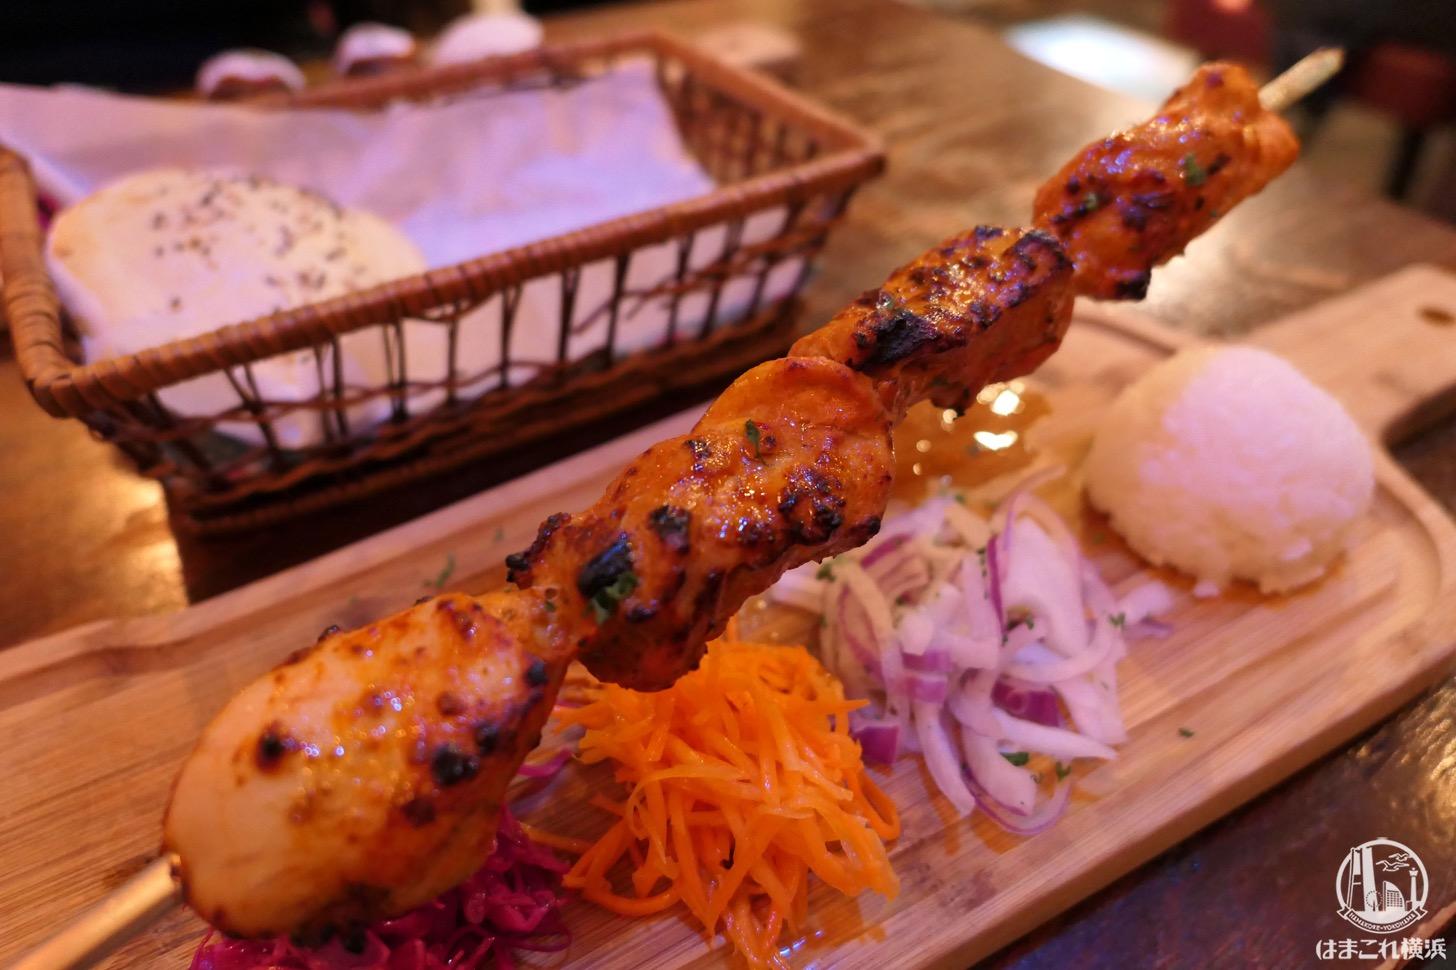 横浜駅「トゥルバ」でトルコ料理・串ケバブをランチに ...